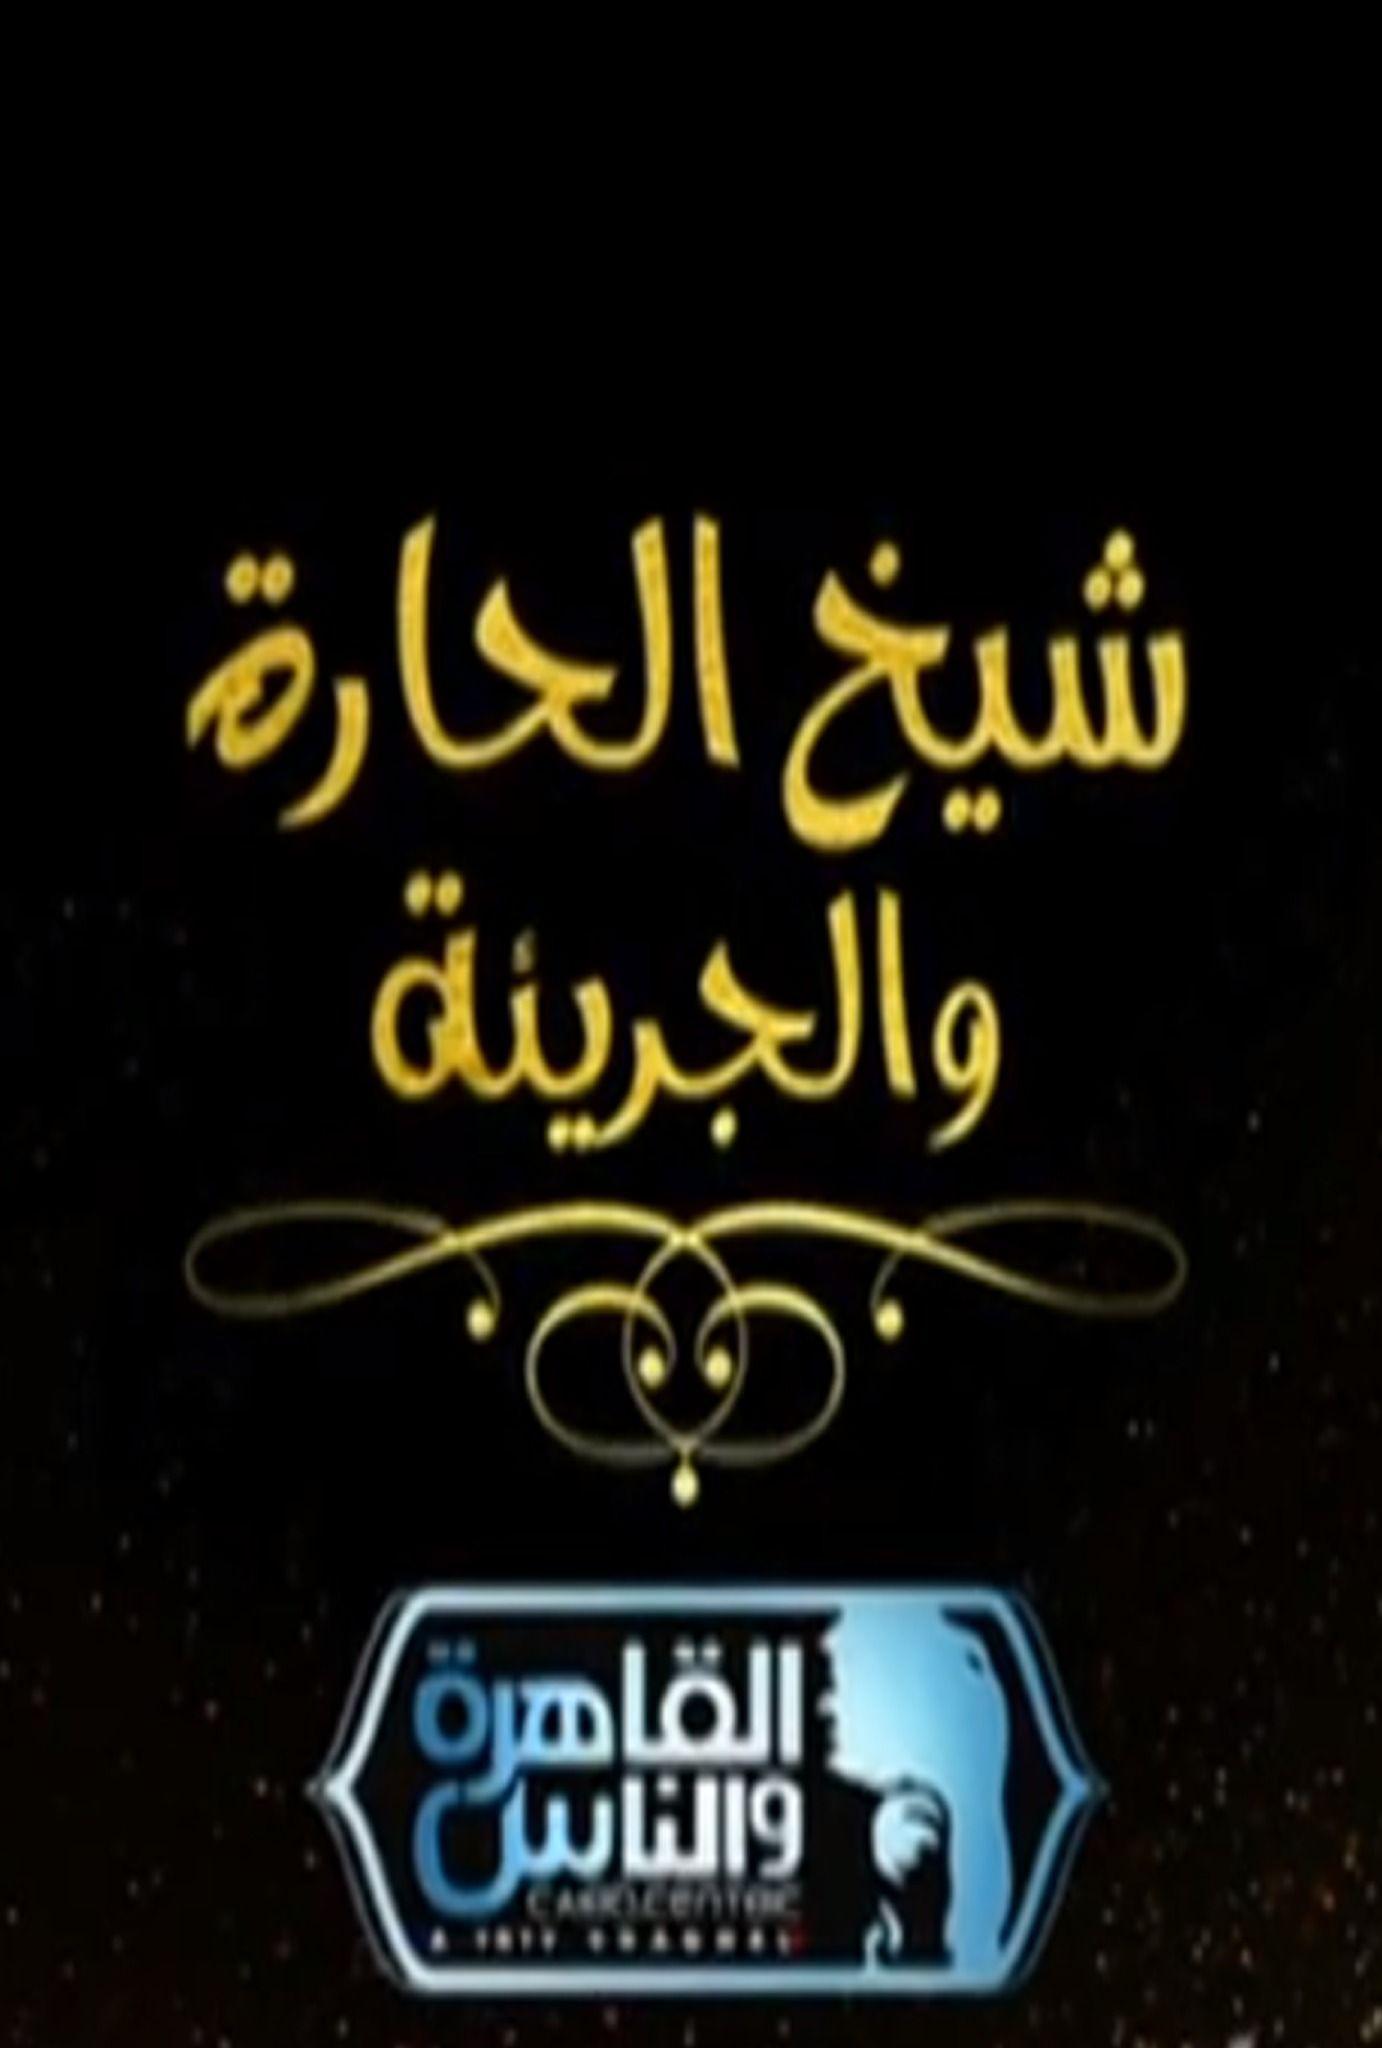 موعد وتوقيت عرض برنامج شيخ الحارة والجريئة على قناة القاهرة والناس رمضان 2020 Neon Signs Signs